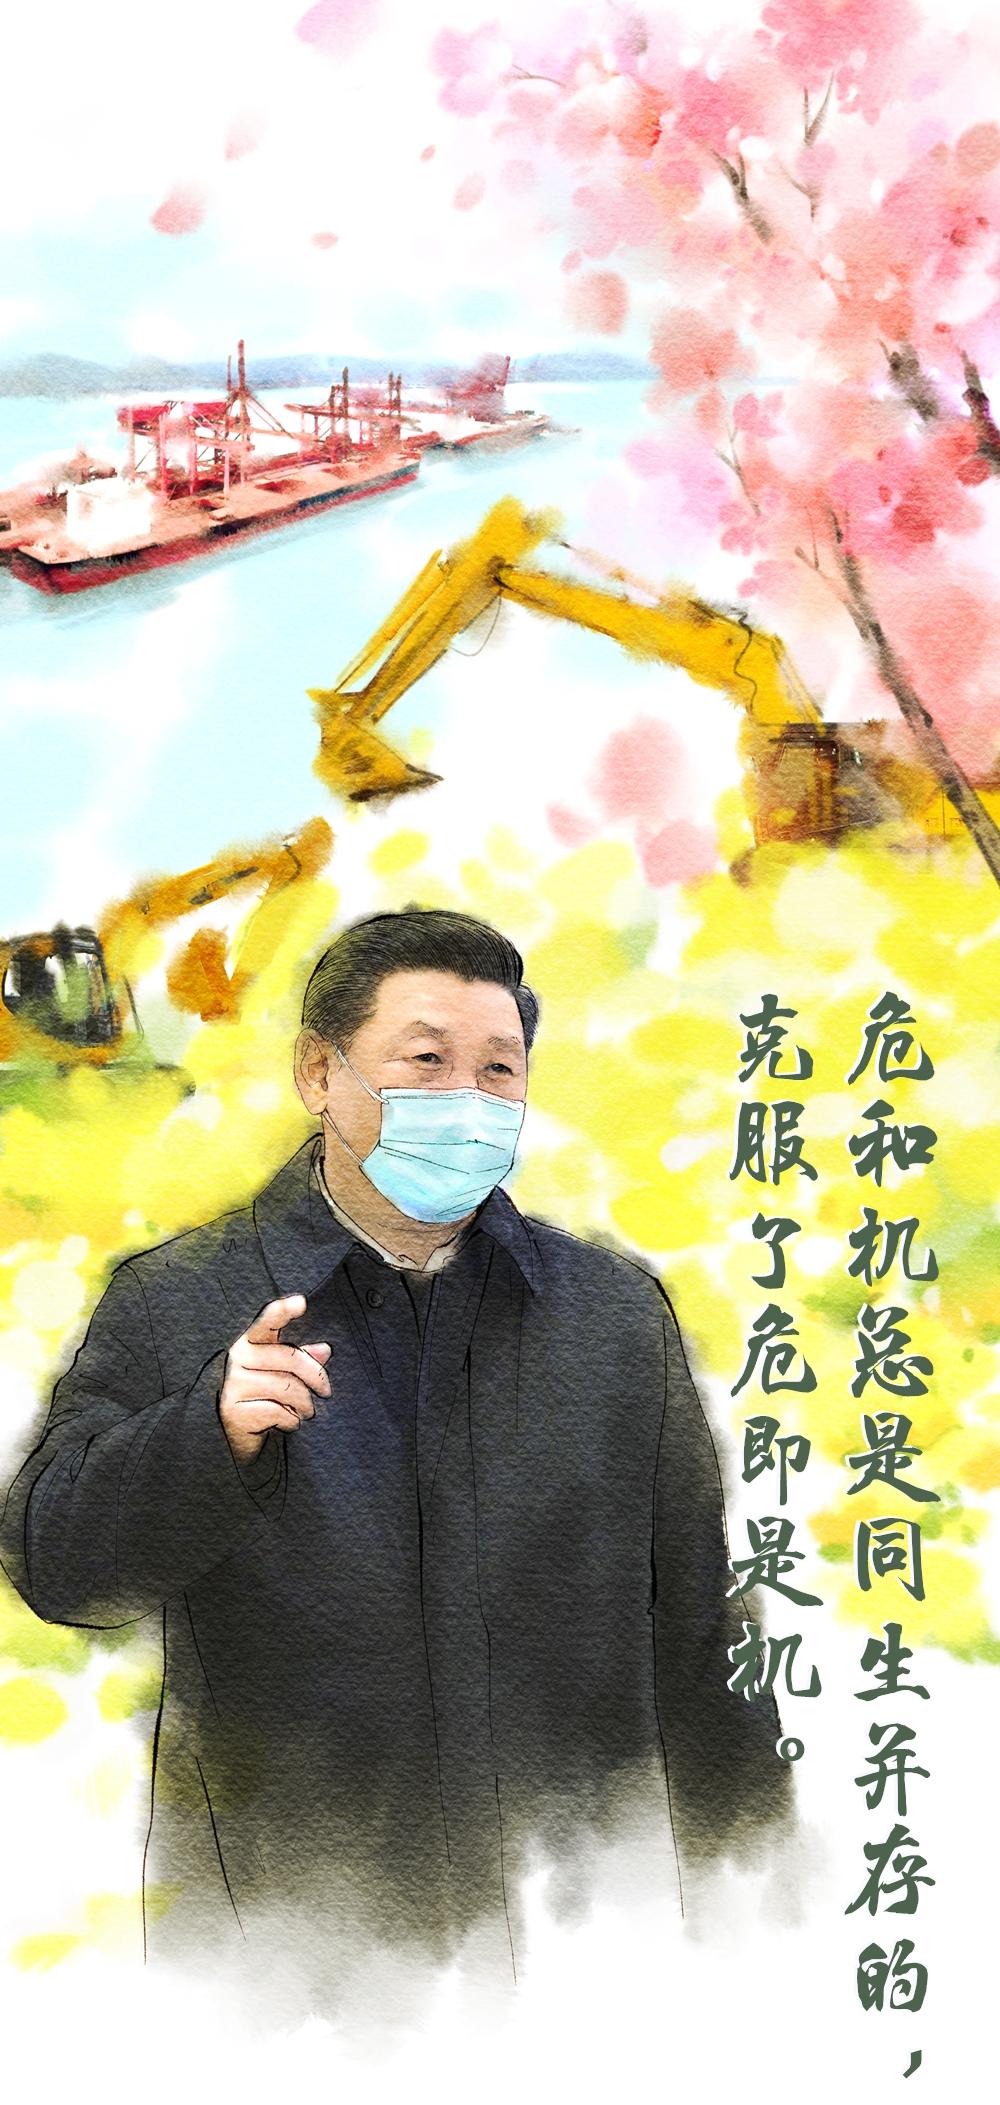 【绘心绘语】春意浓,之江又传新语